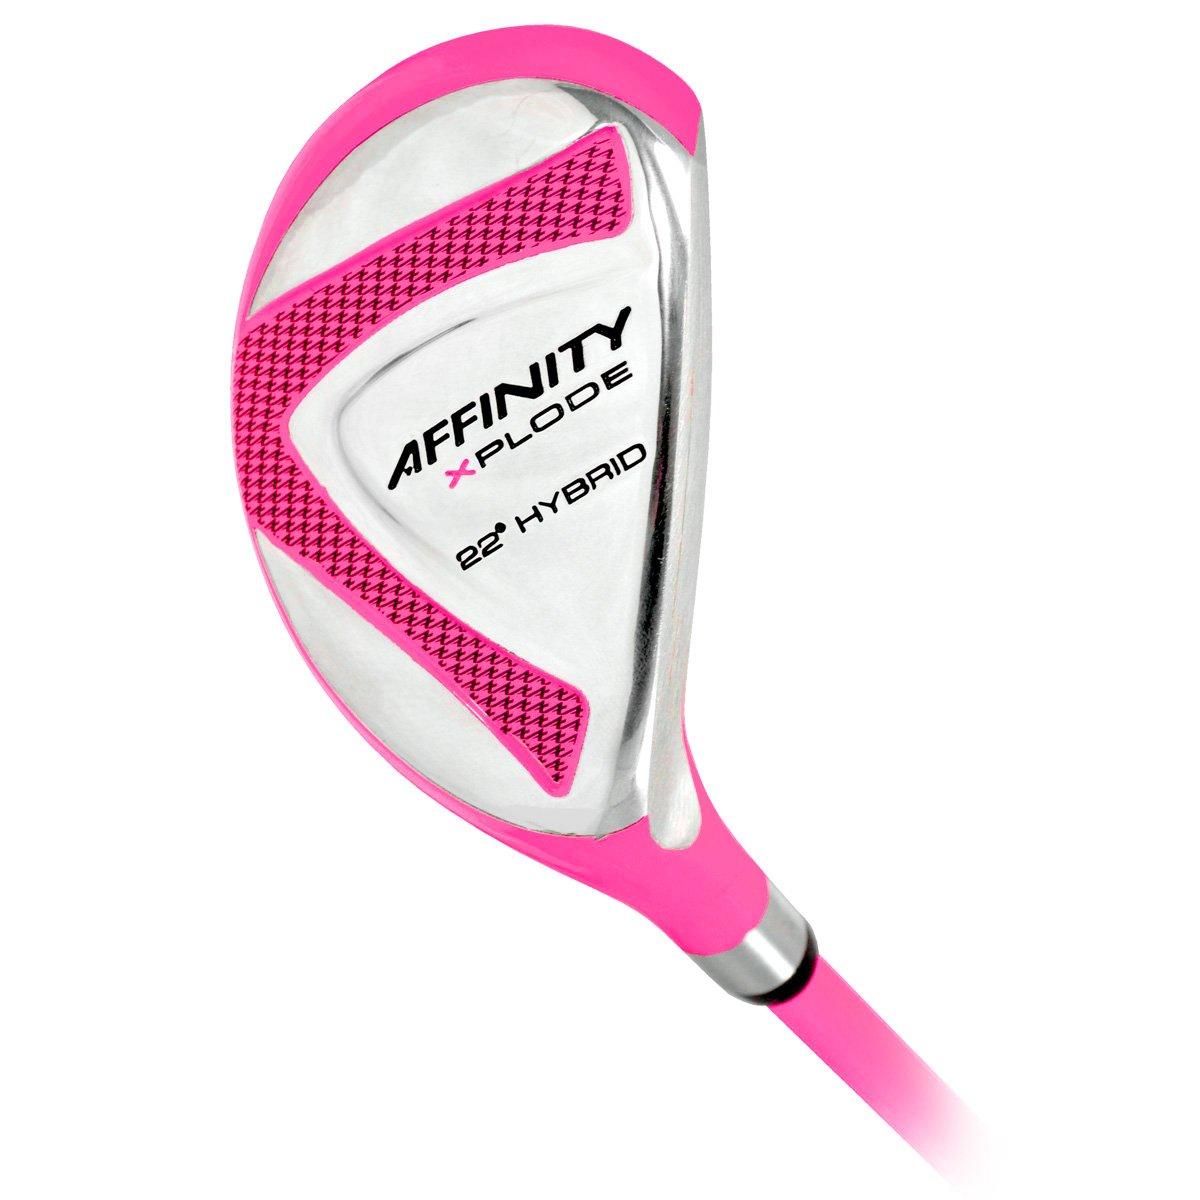 Affinity golf- Ladies Xplodeハイブリッド ピンク B00NSCFNJU